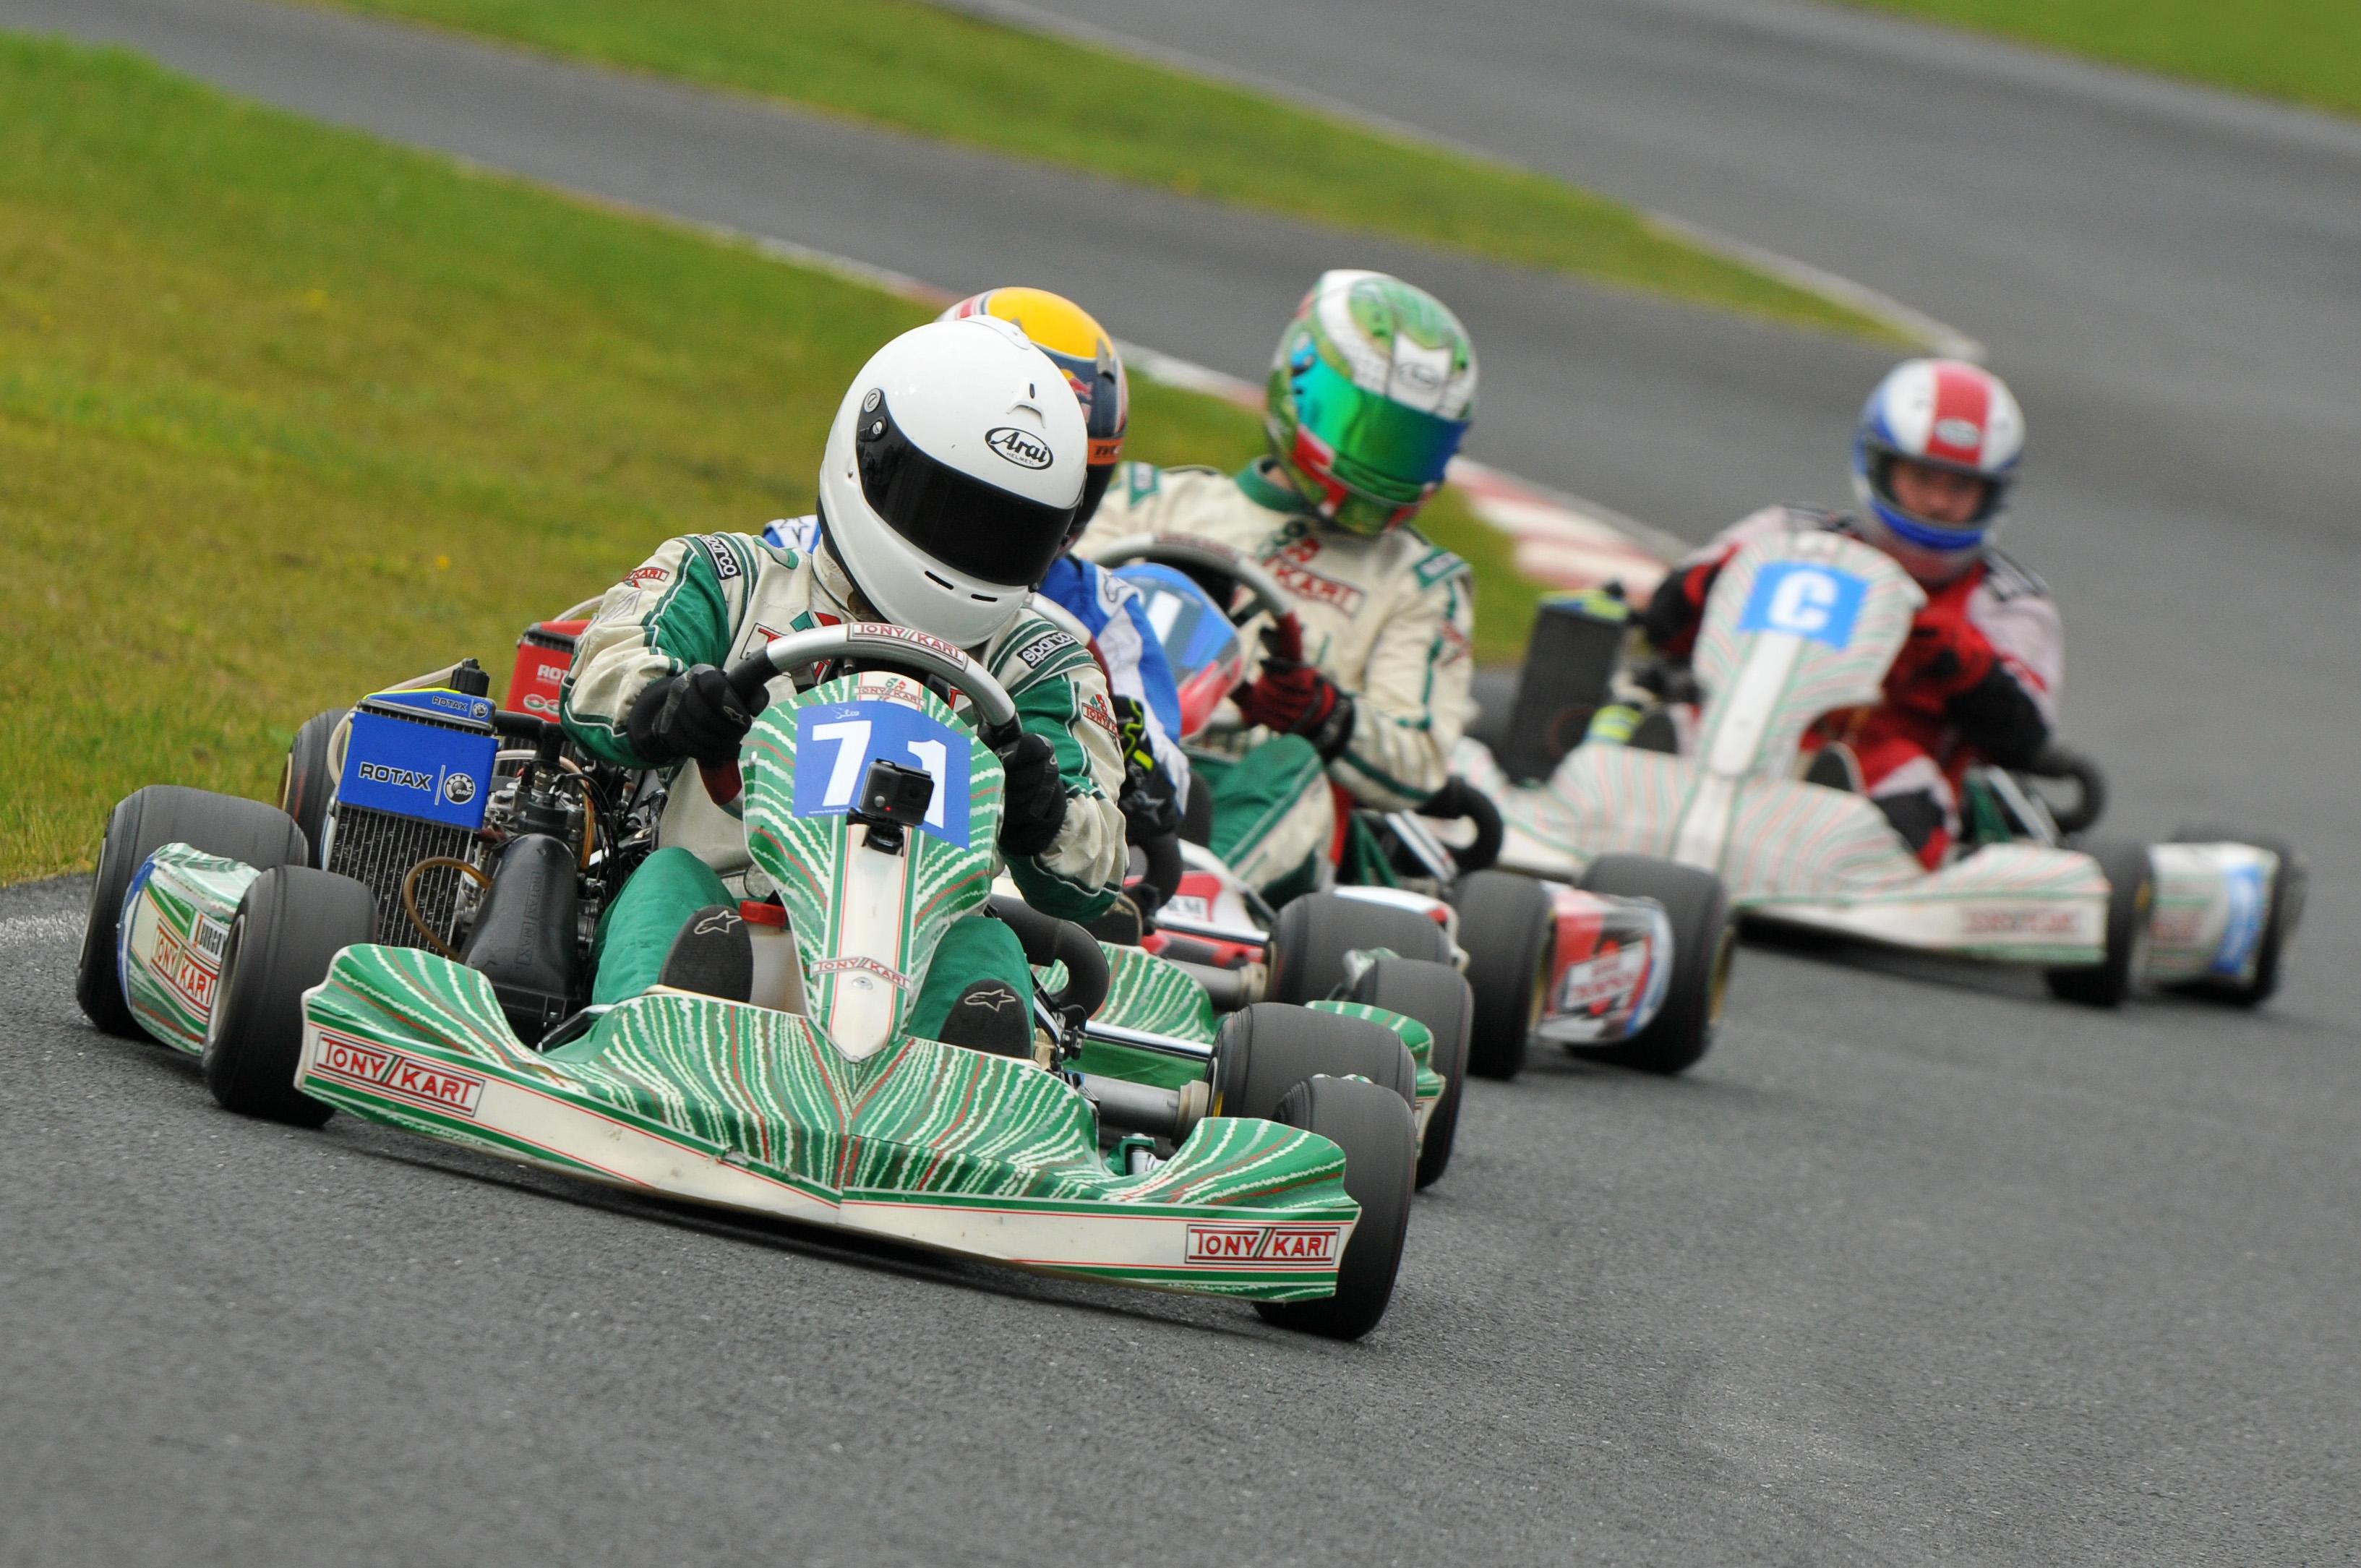 Irish Kart Gp Ni Karting